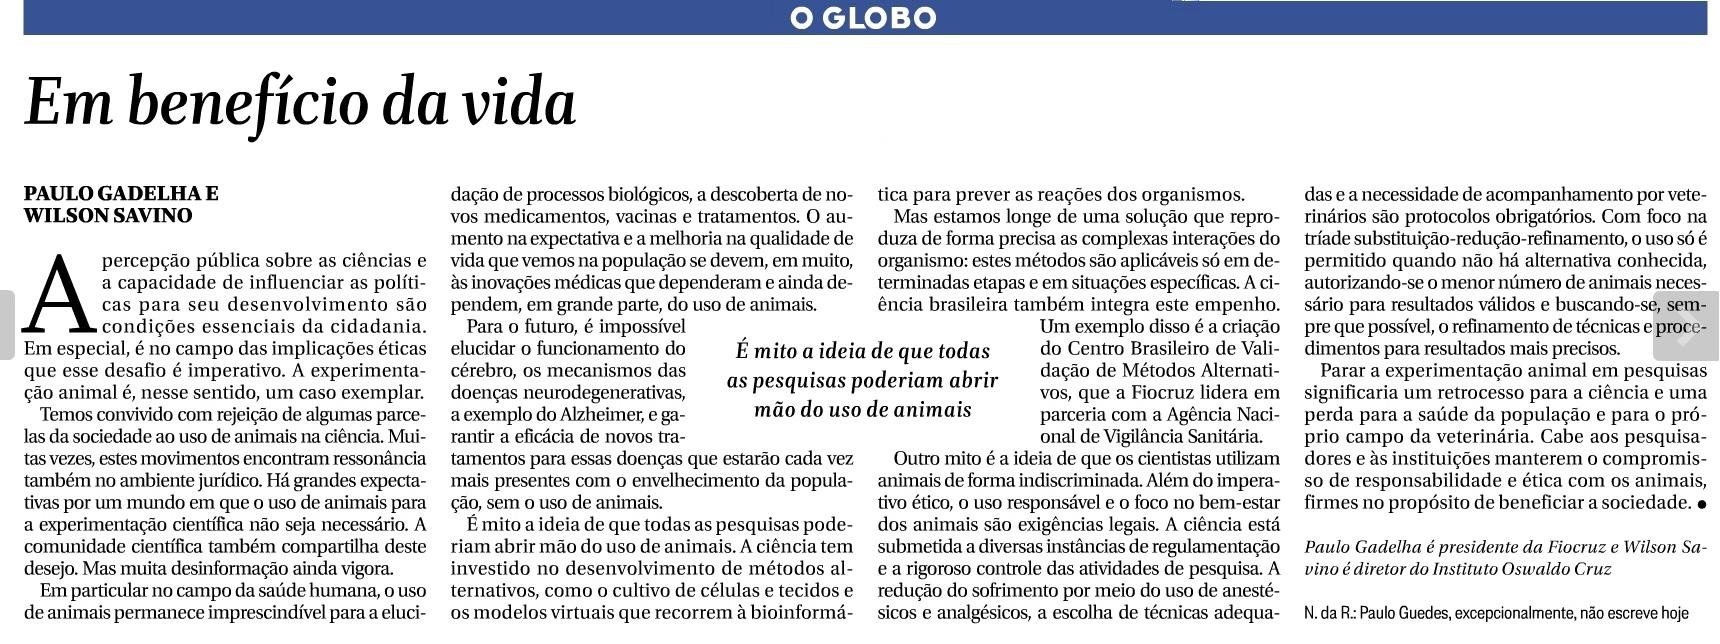 Artigo_OGLOBO14-07-2014